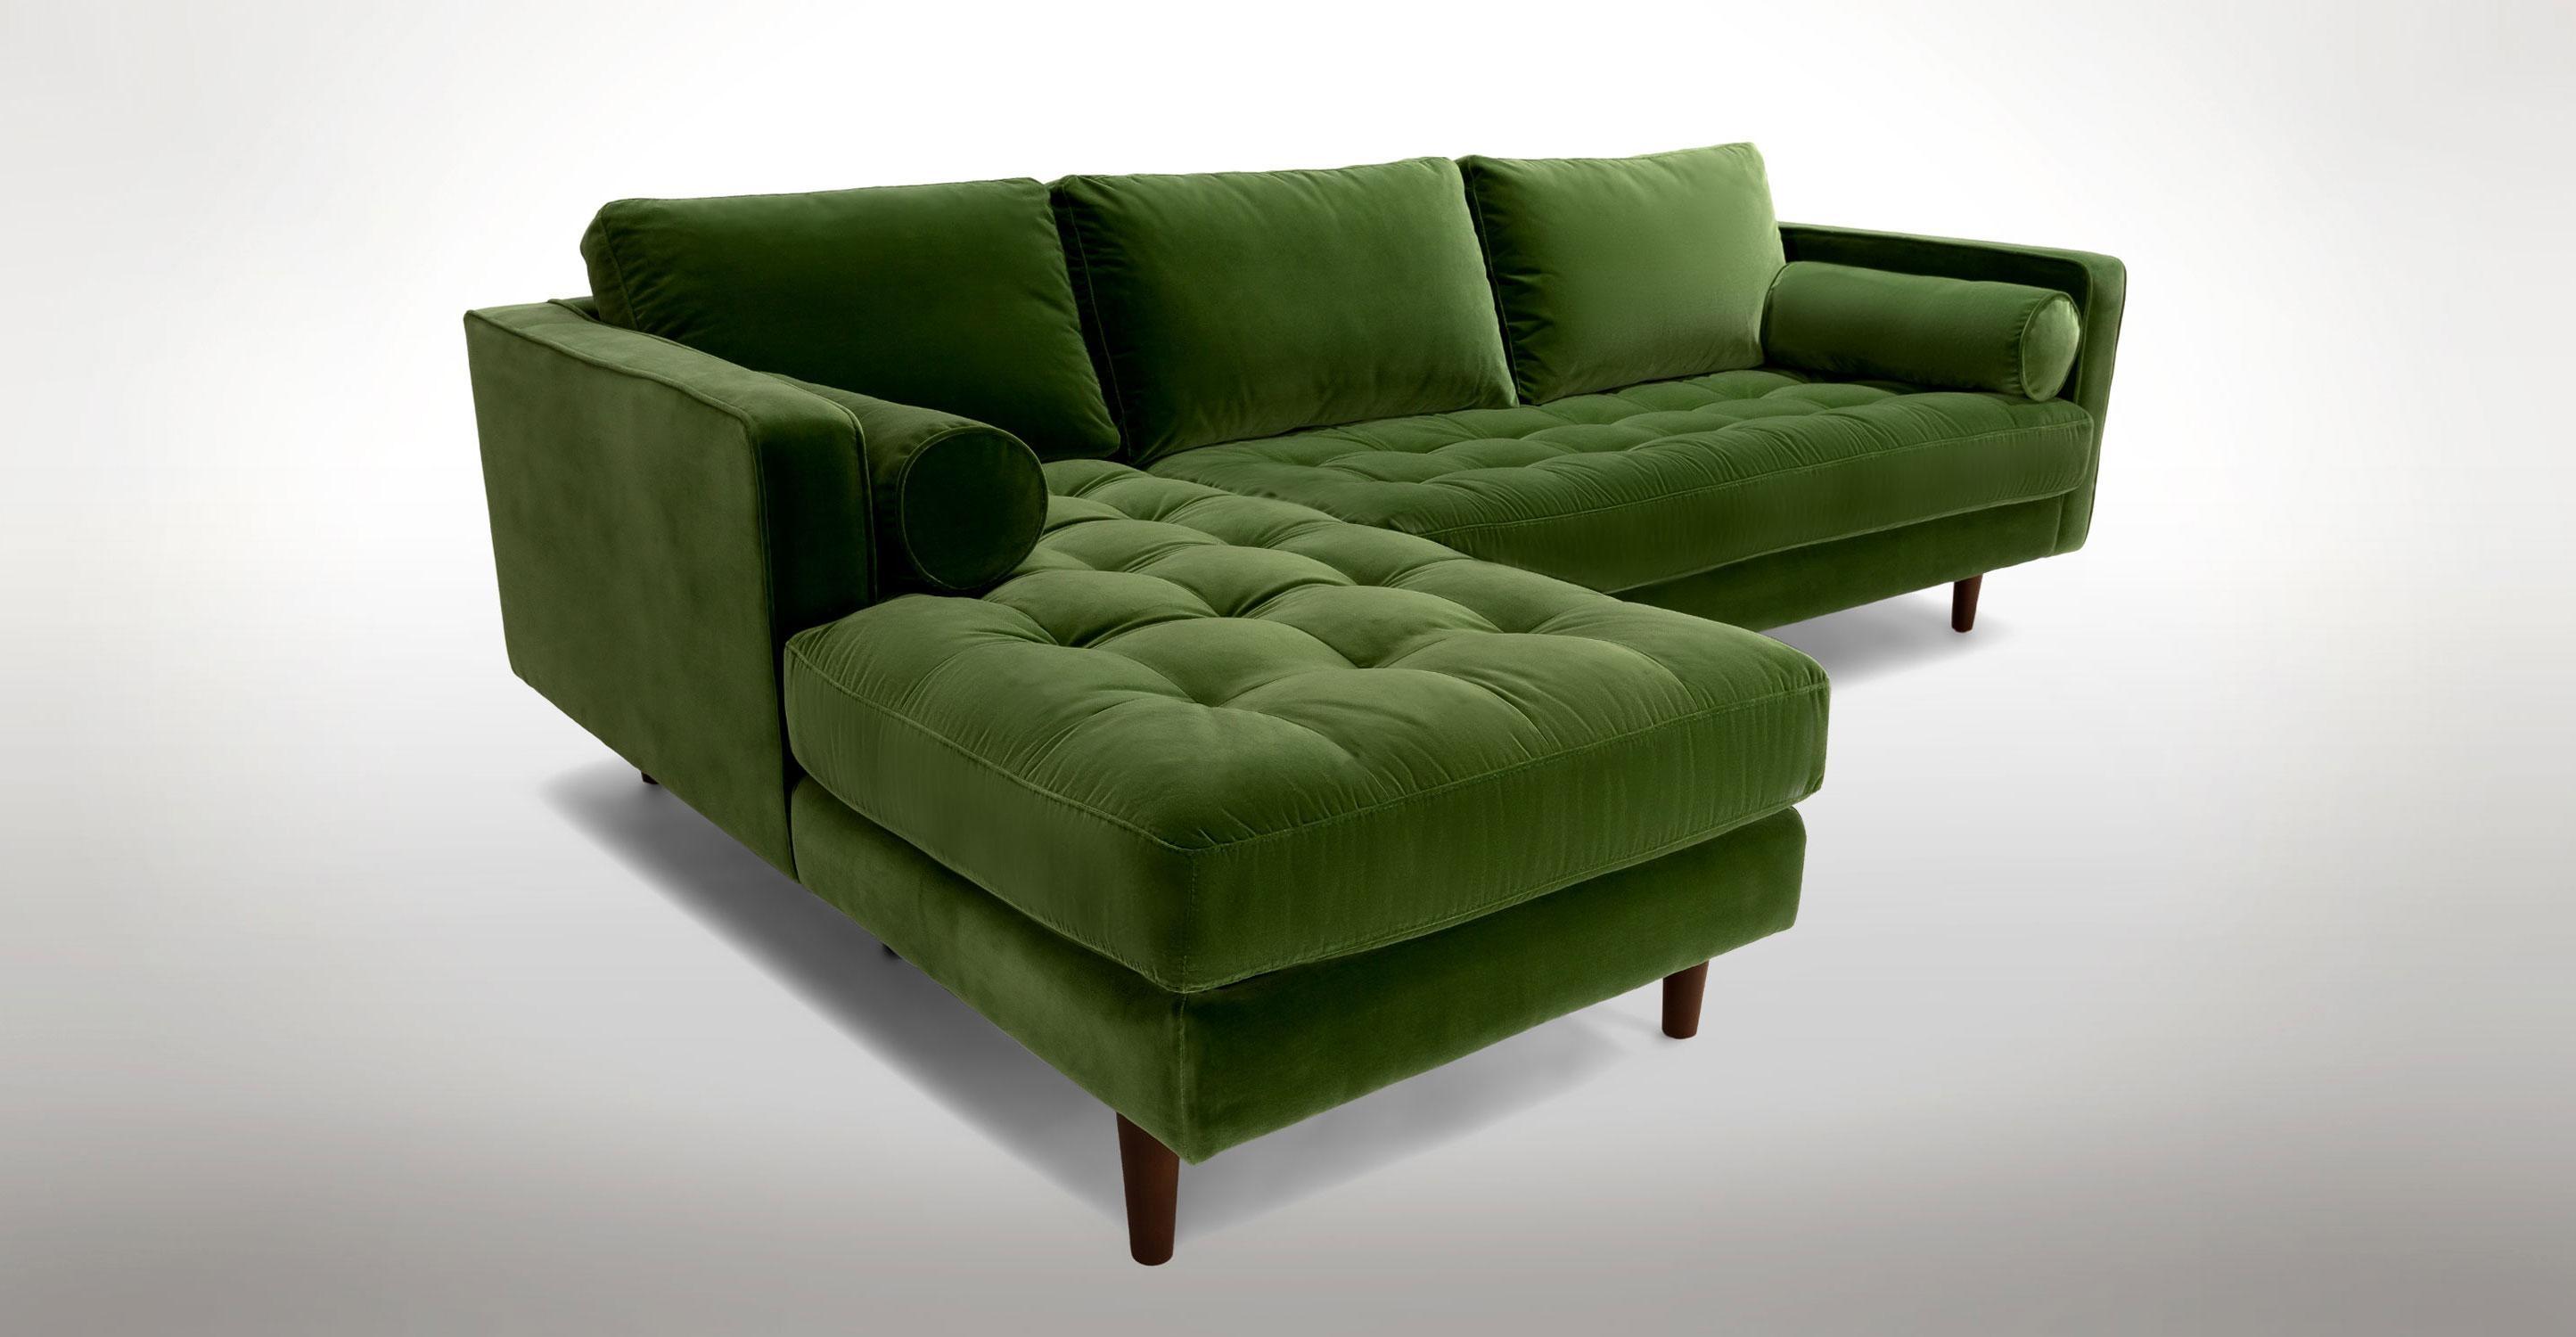 green velvet sofa couch sofas salt lake city utah 2018 latest sectional ideas